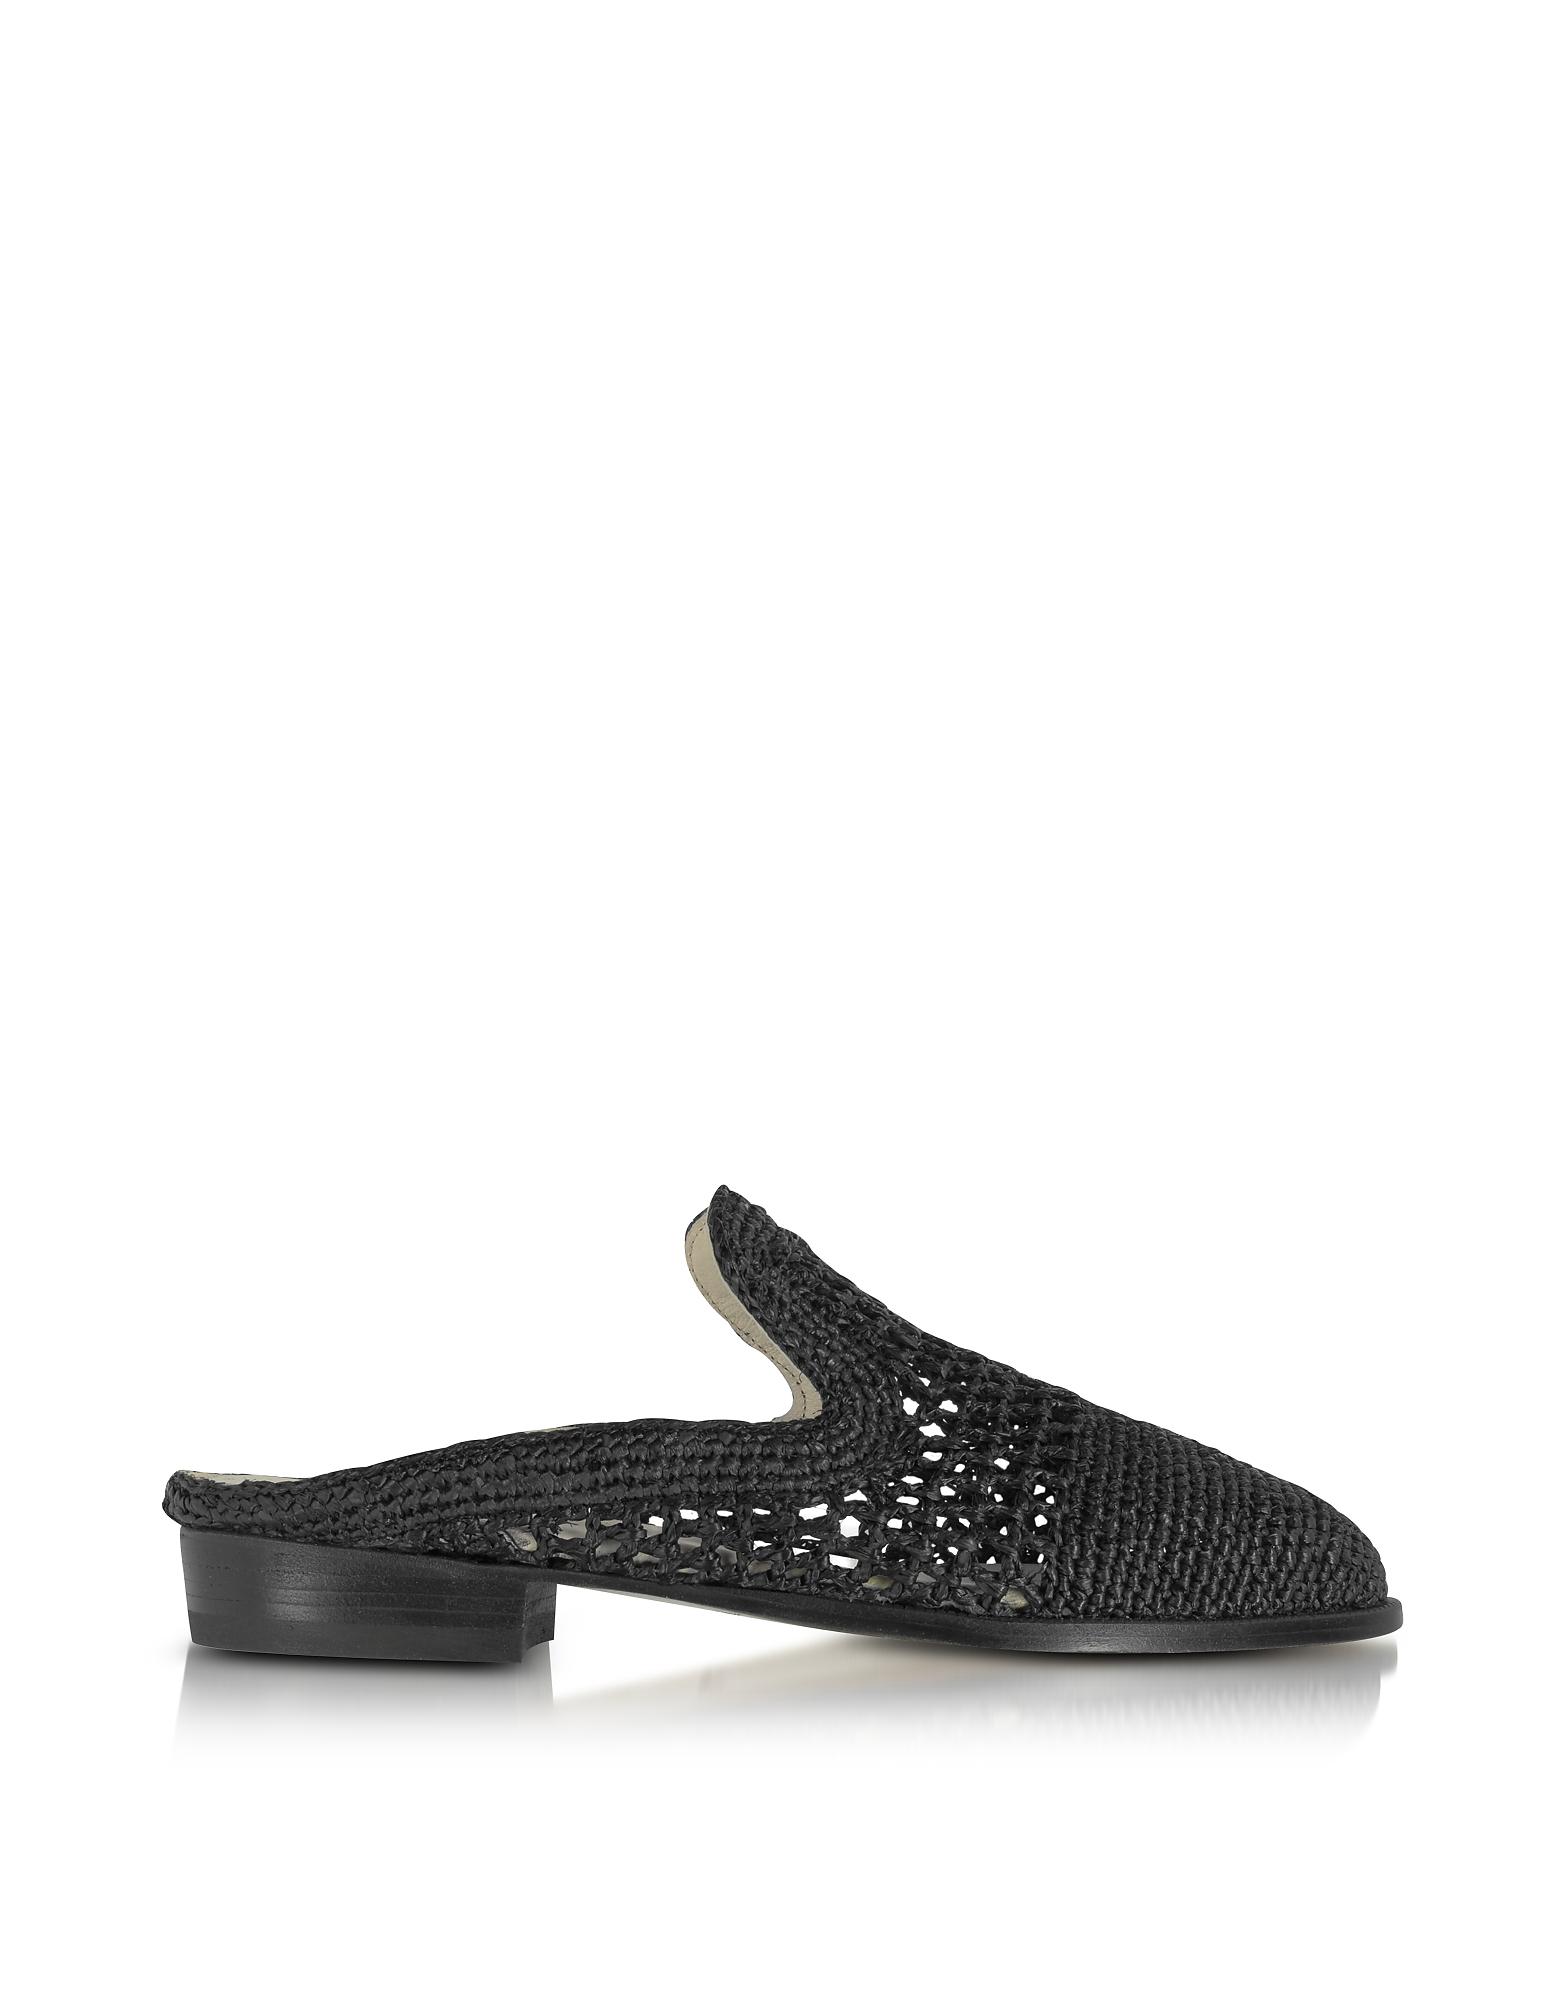 Robert Clergerie Shoes, Antes Black Woven Raffia Mule